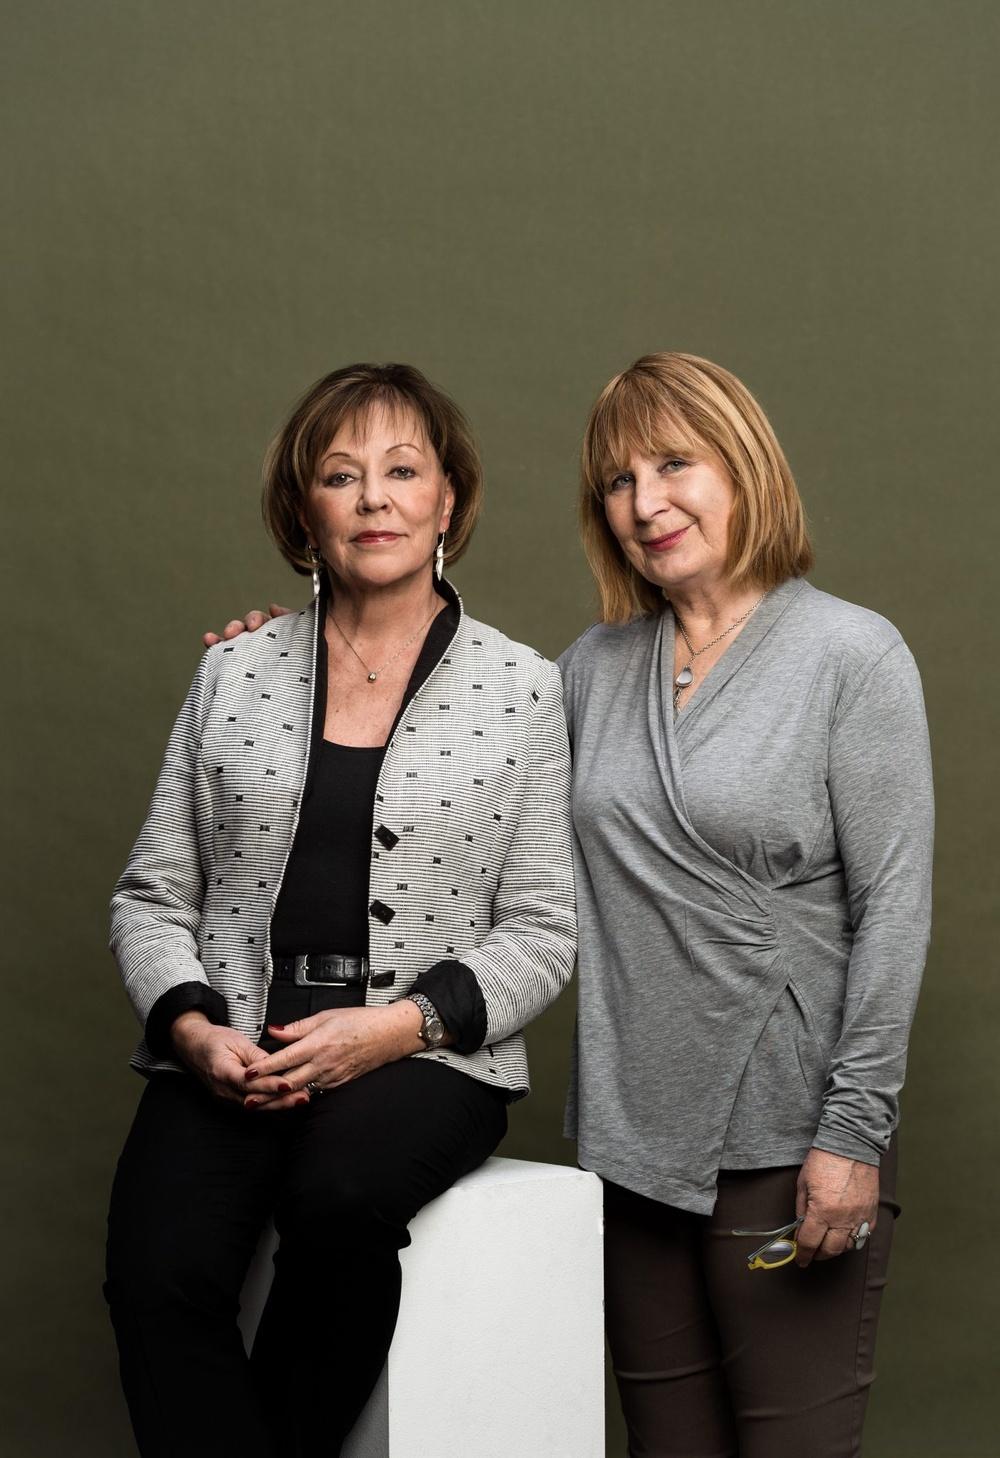 Författarporträtt: Marie Norberg och Kerstin Öhrn Ljung  Foto: Sören Vilks